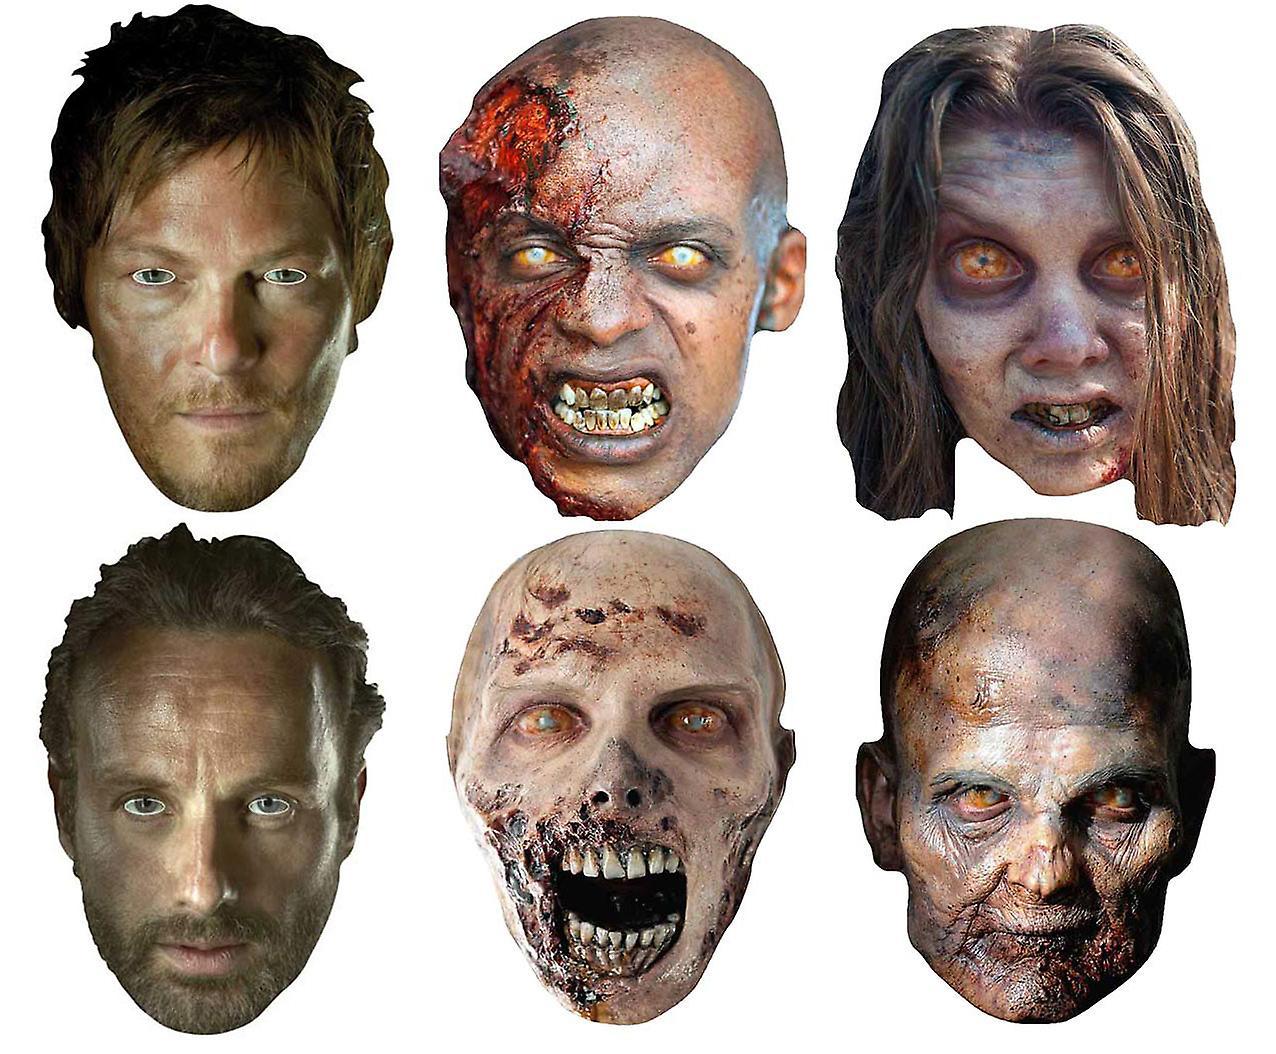 Walking død Party kort ansikt masker utvalg settet av 6